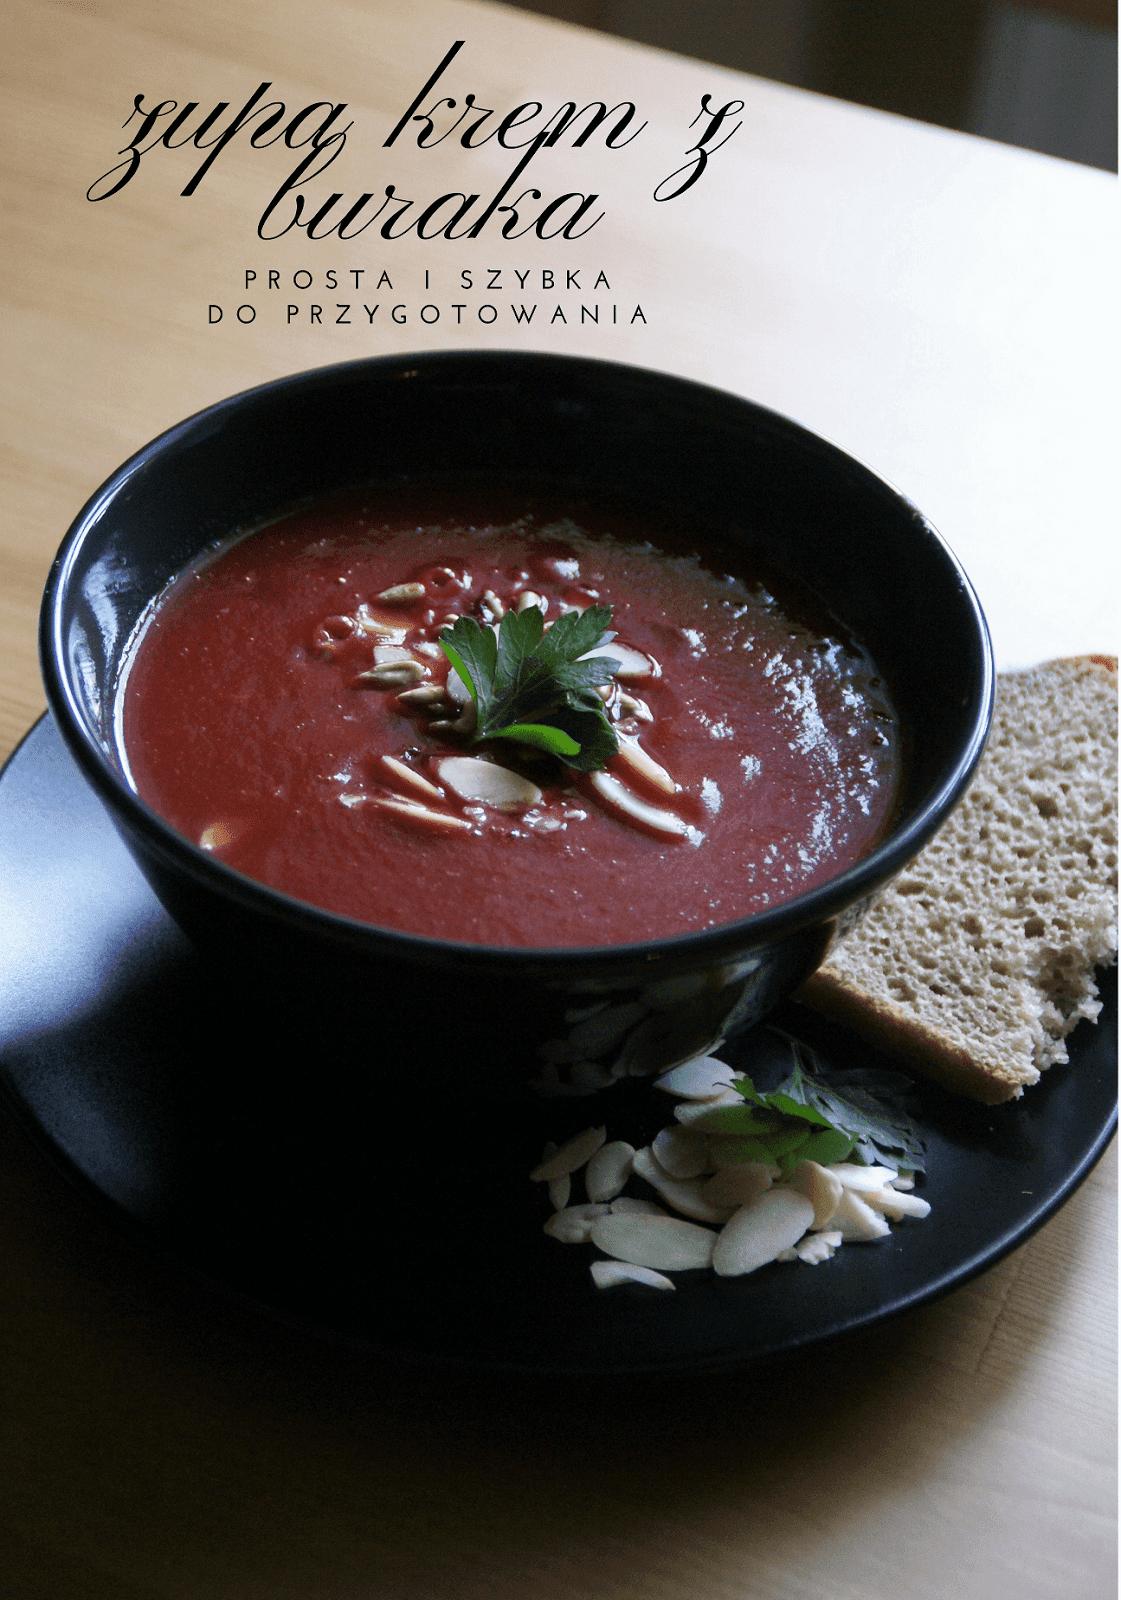 Zupa krem z buraka - super szybka!